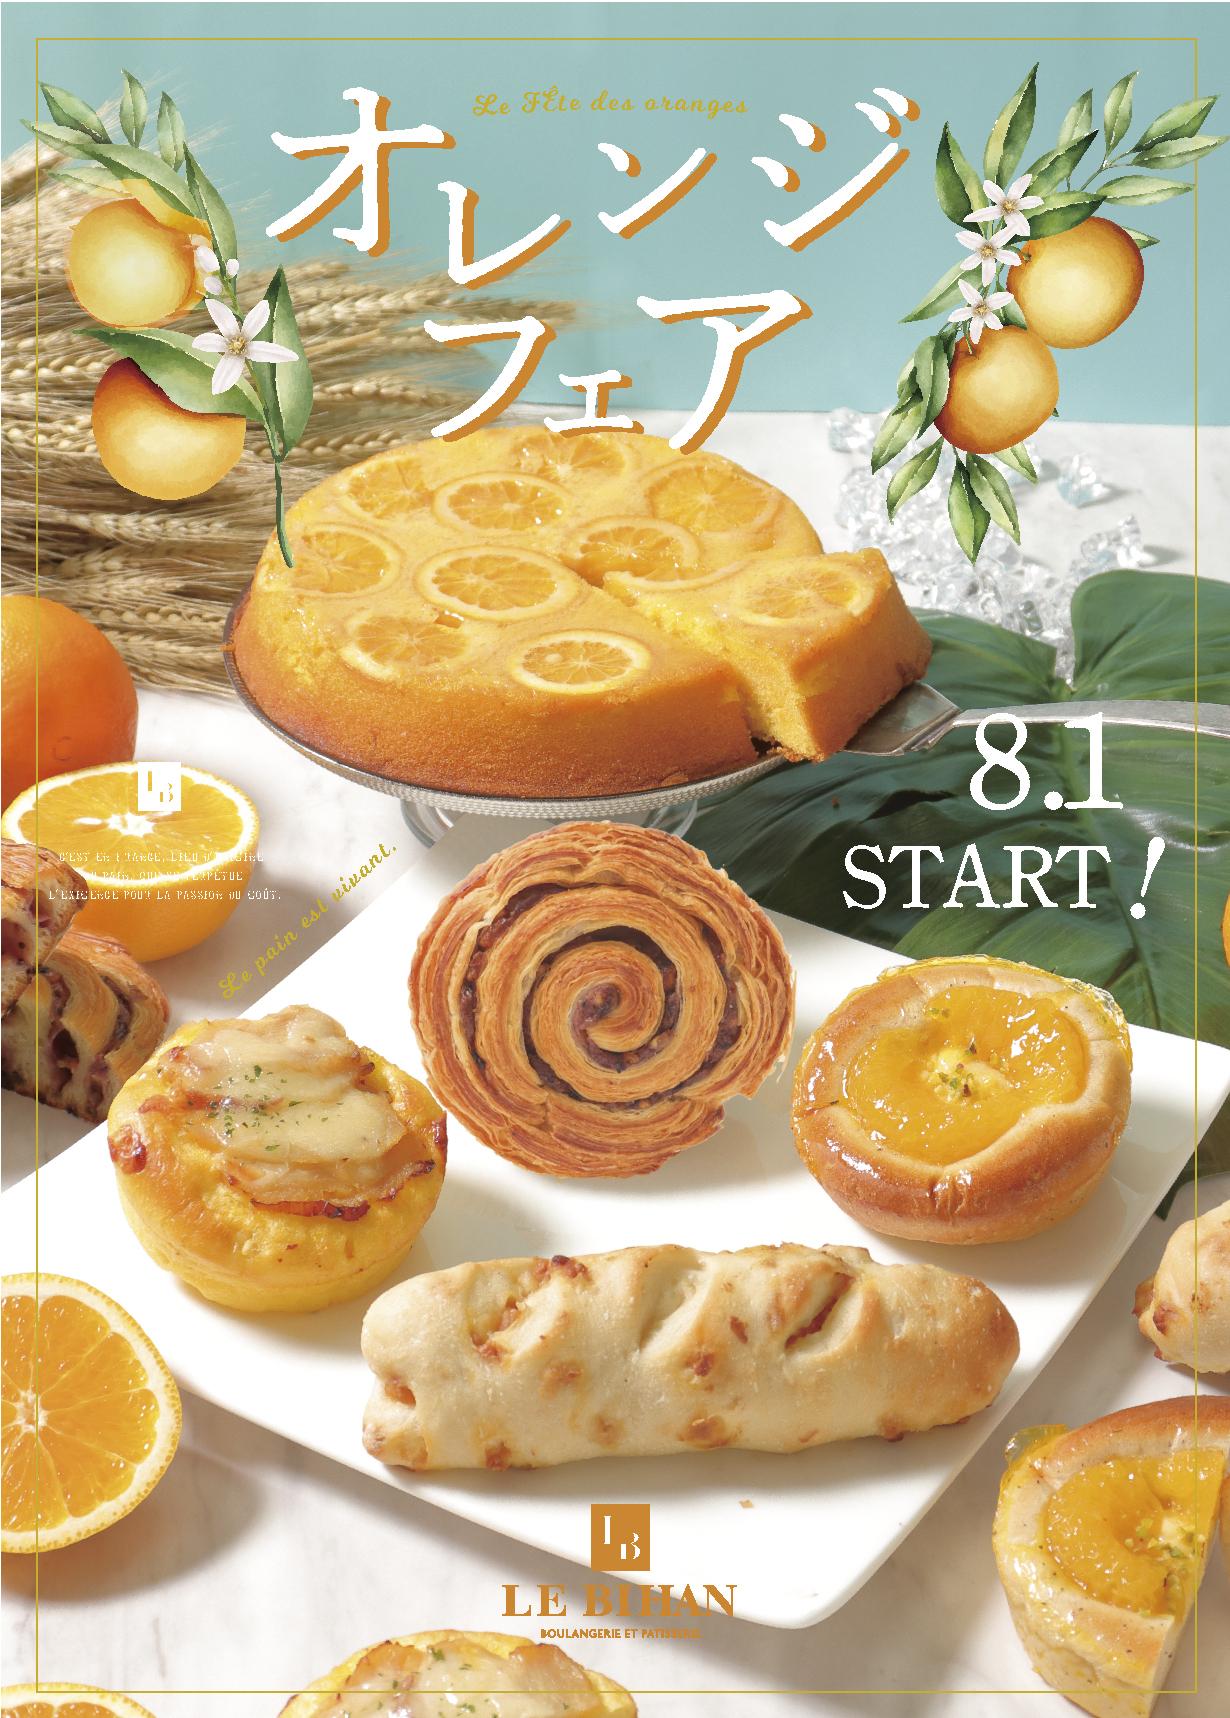 フランス・ブルターニュで愛された3 代続く味と技。ル ビアンにて8/1(日)から「オレンジフェア」を開催いたします!